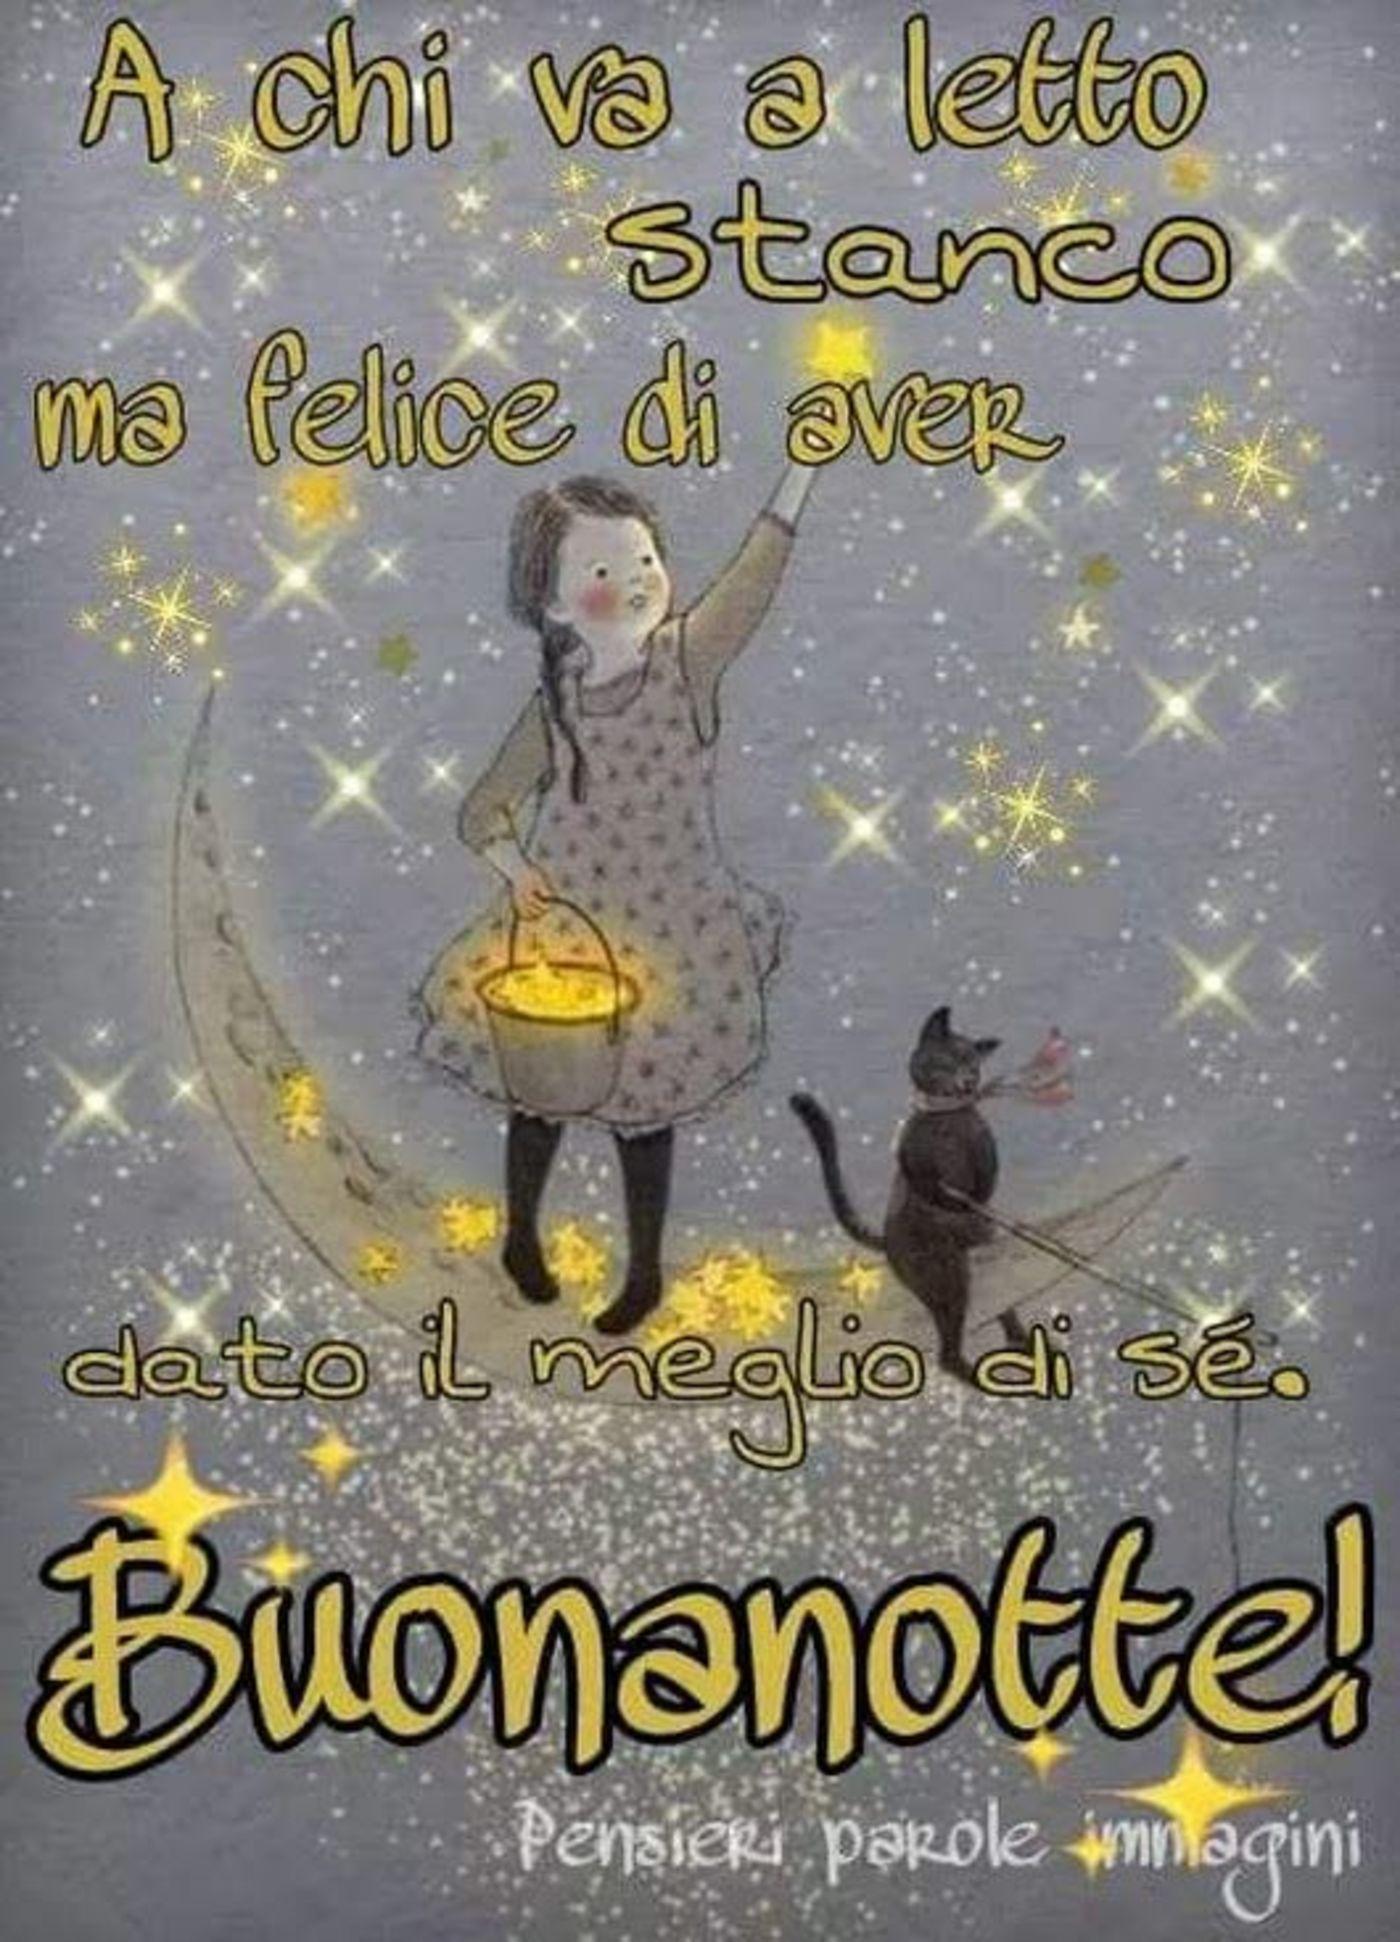 Bacionotte Buongiorno Immagini It